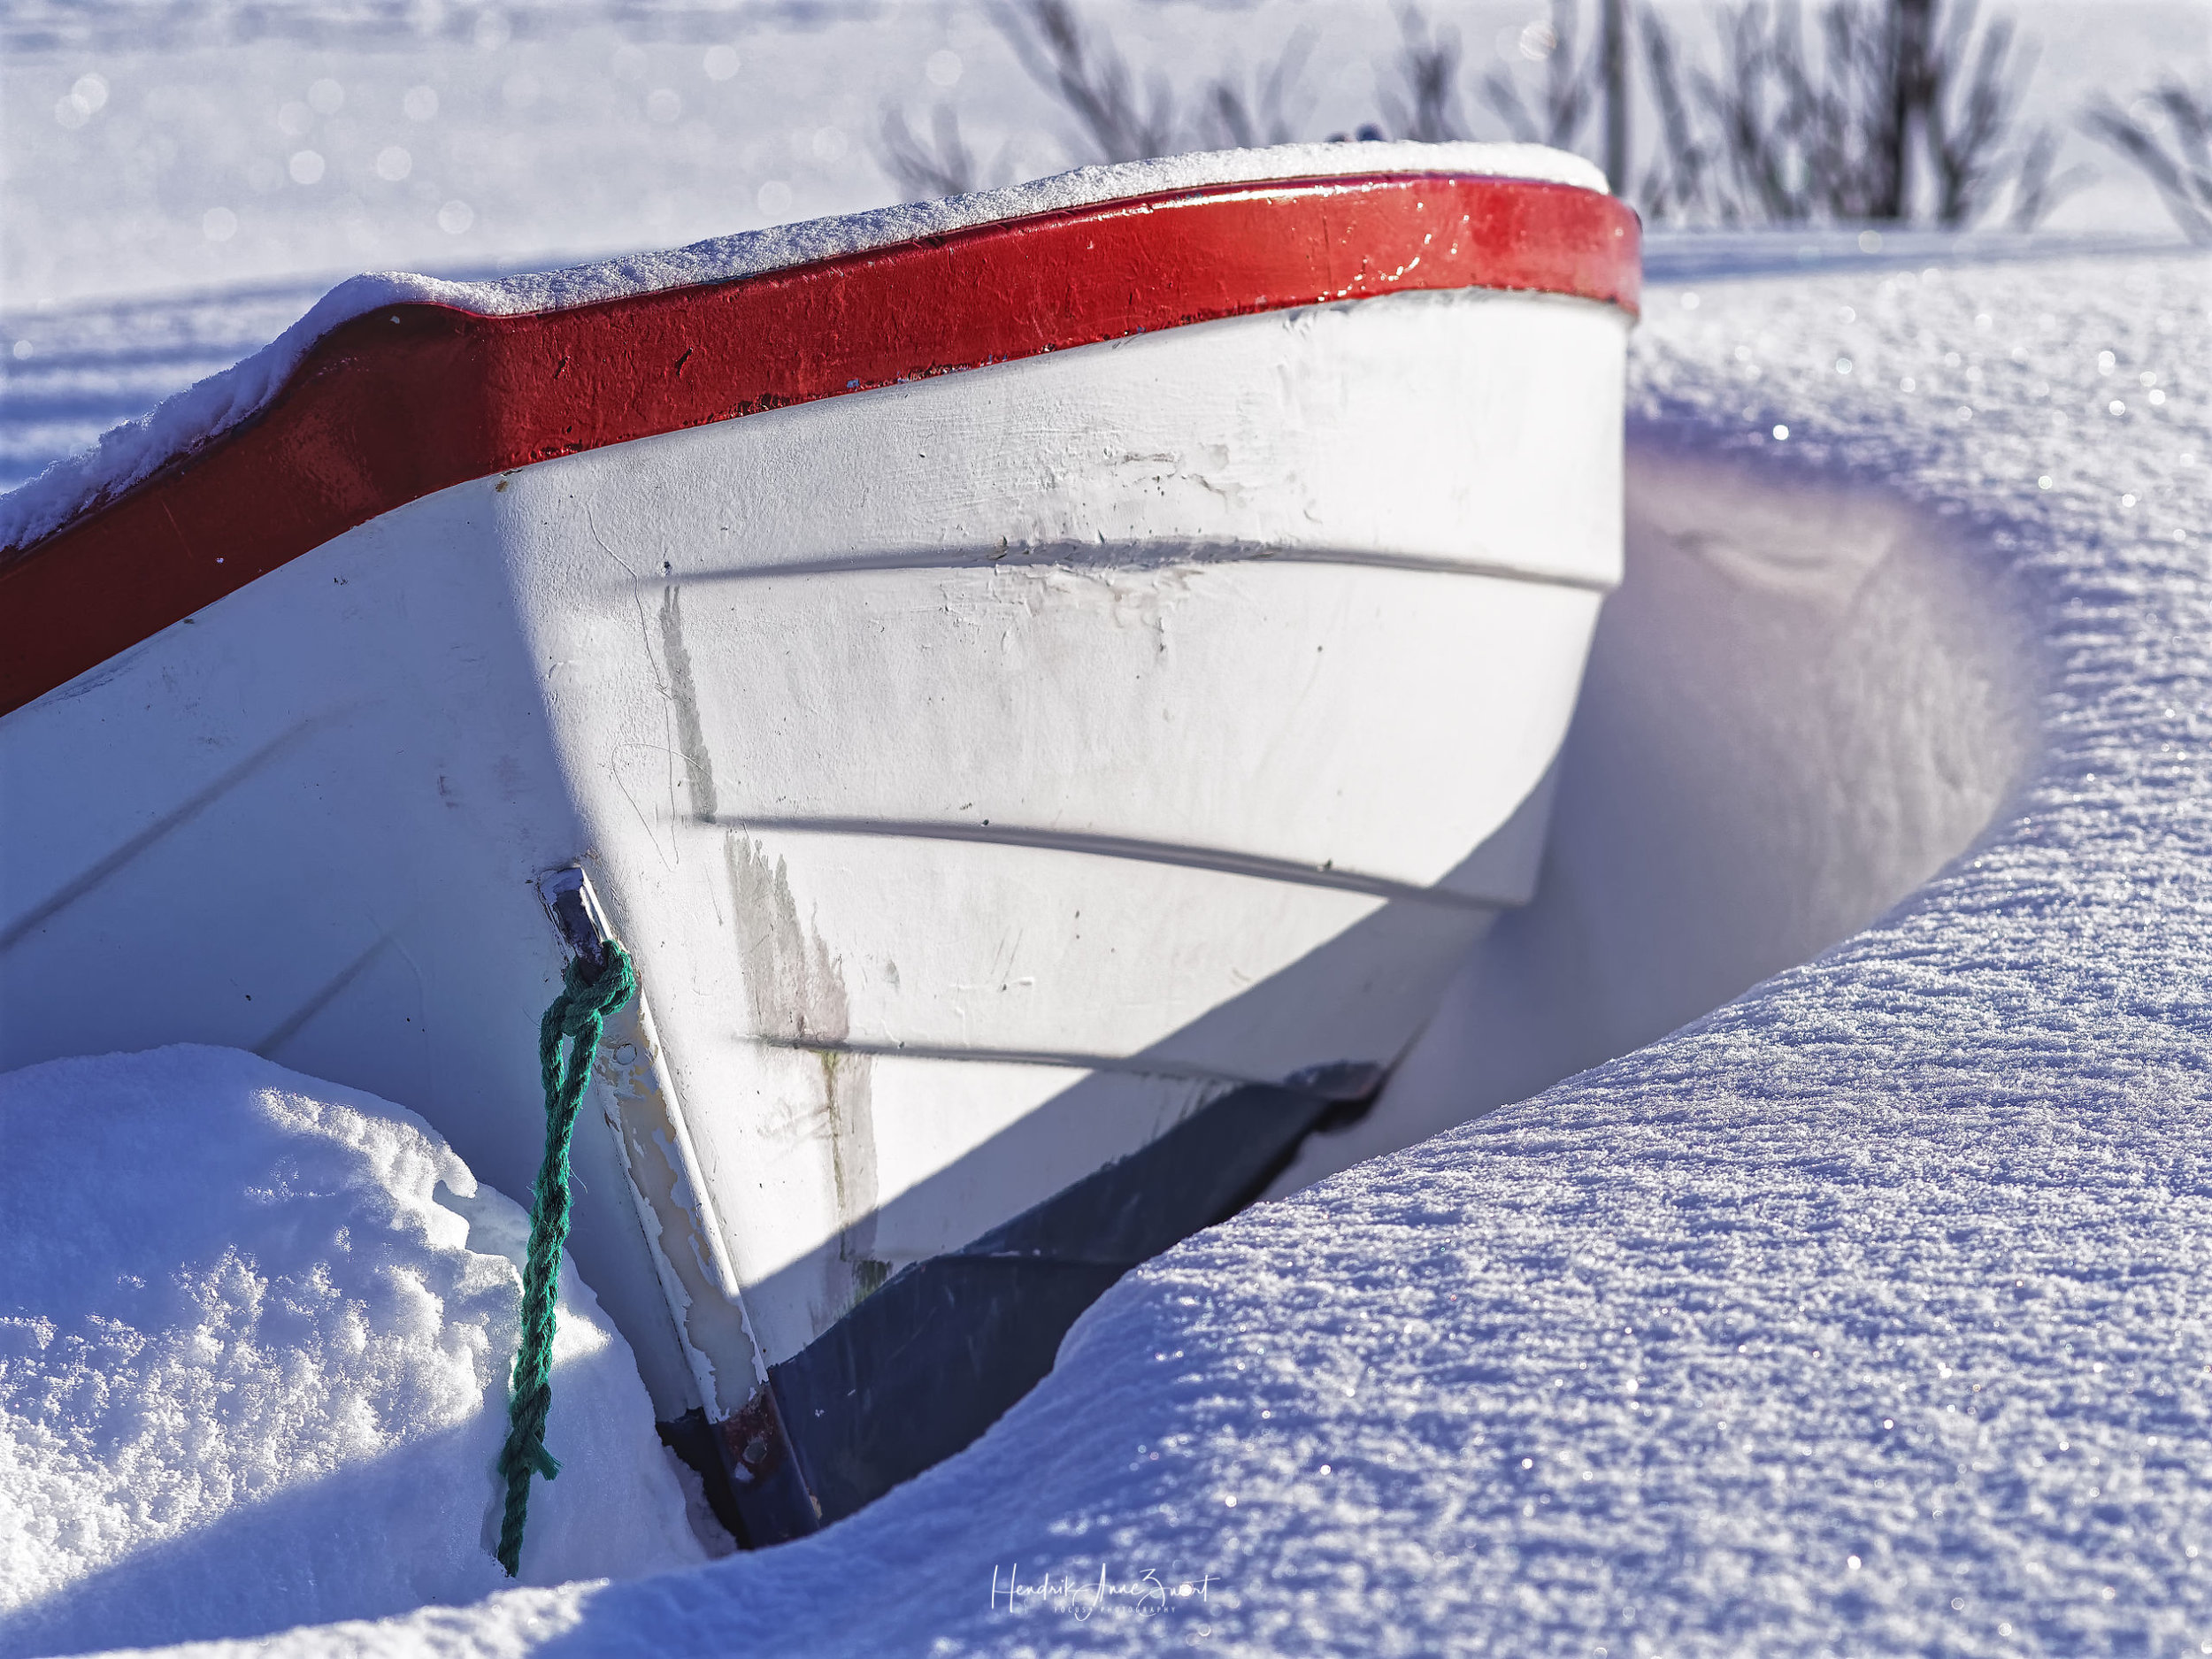 Gibostad_Boat_Norway_1.jpg